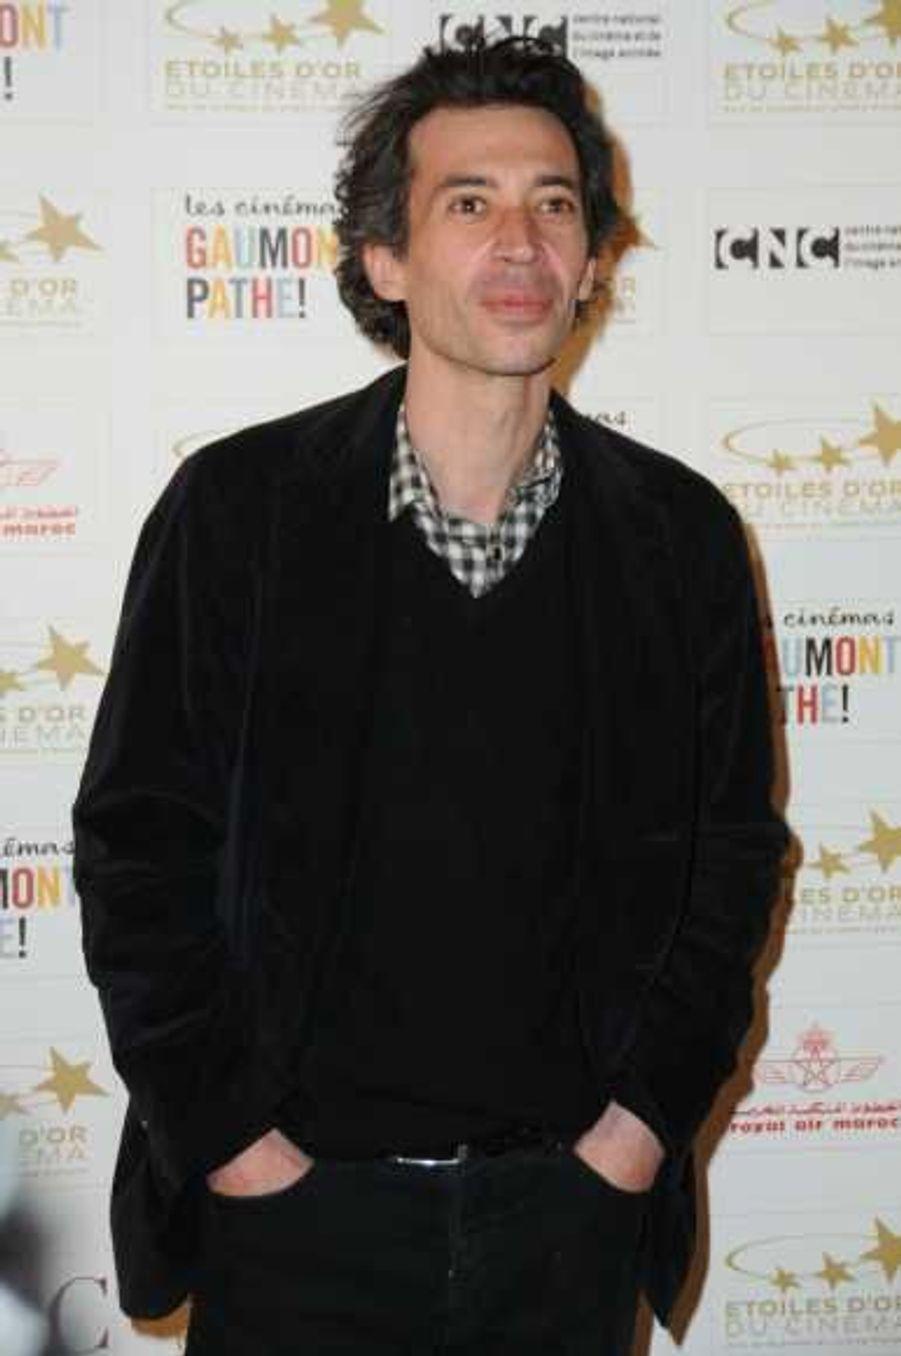 Eric Elmosnino a été élu pour son rôle dans Gainsbourg - (vie héroïque) de Joann Sfa.